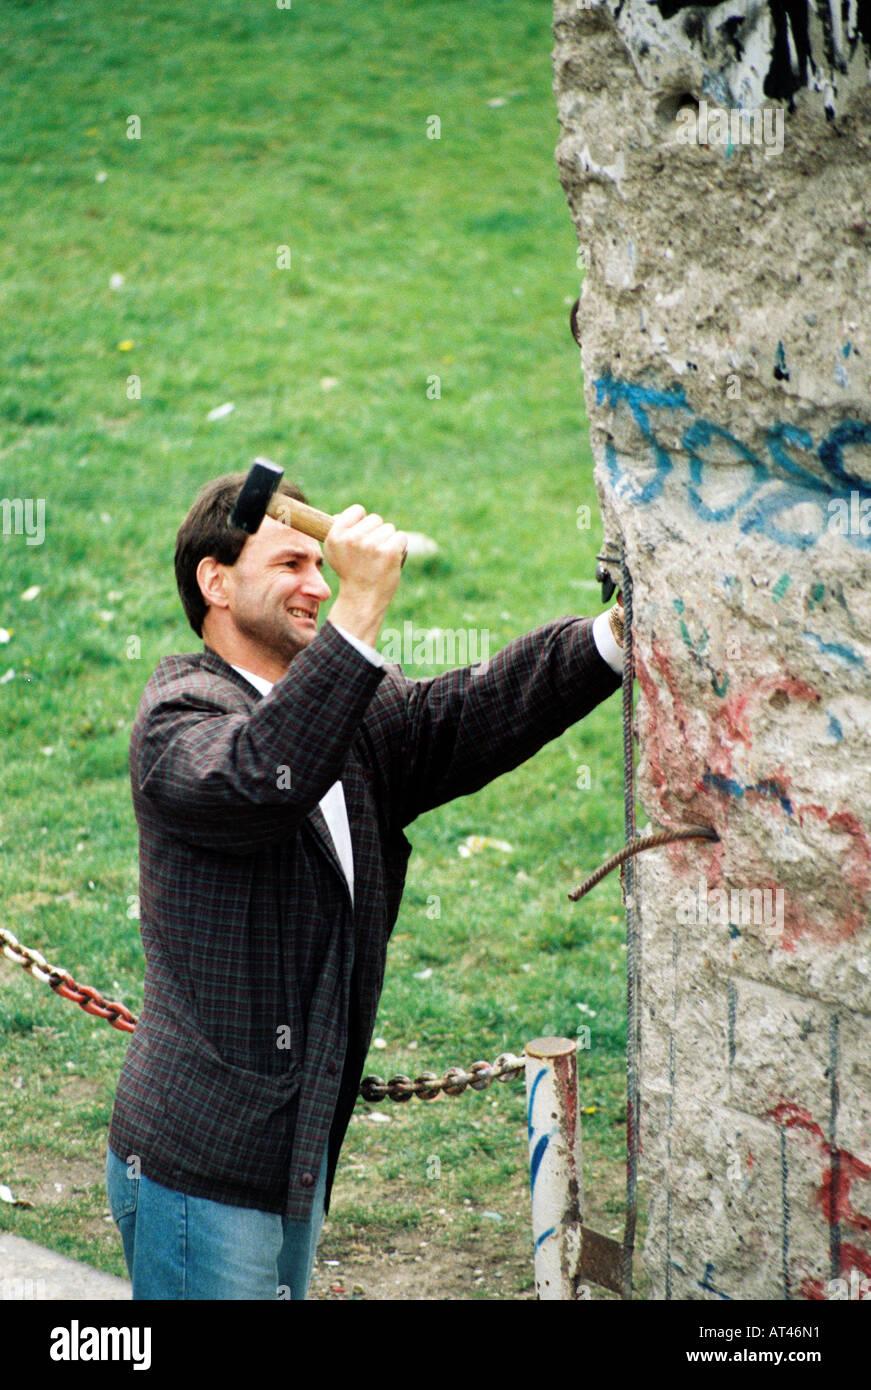 Der Fall der Berliner Mauer 1989. Ein Souvenir-Jäger schneidet Teile der Mauer. Stockbild